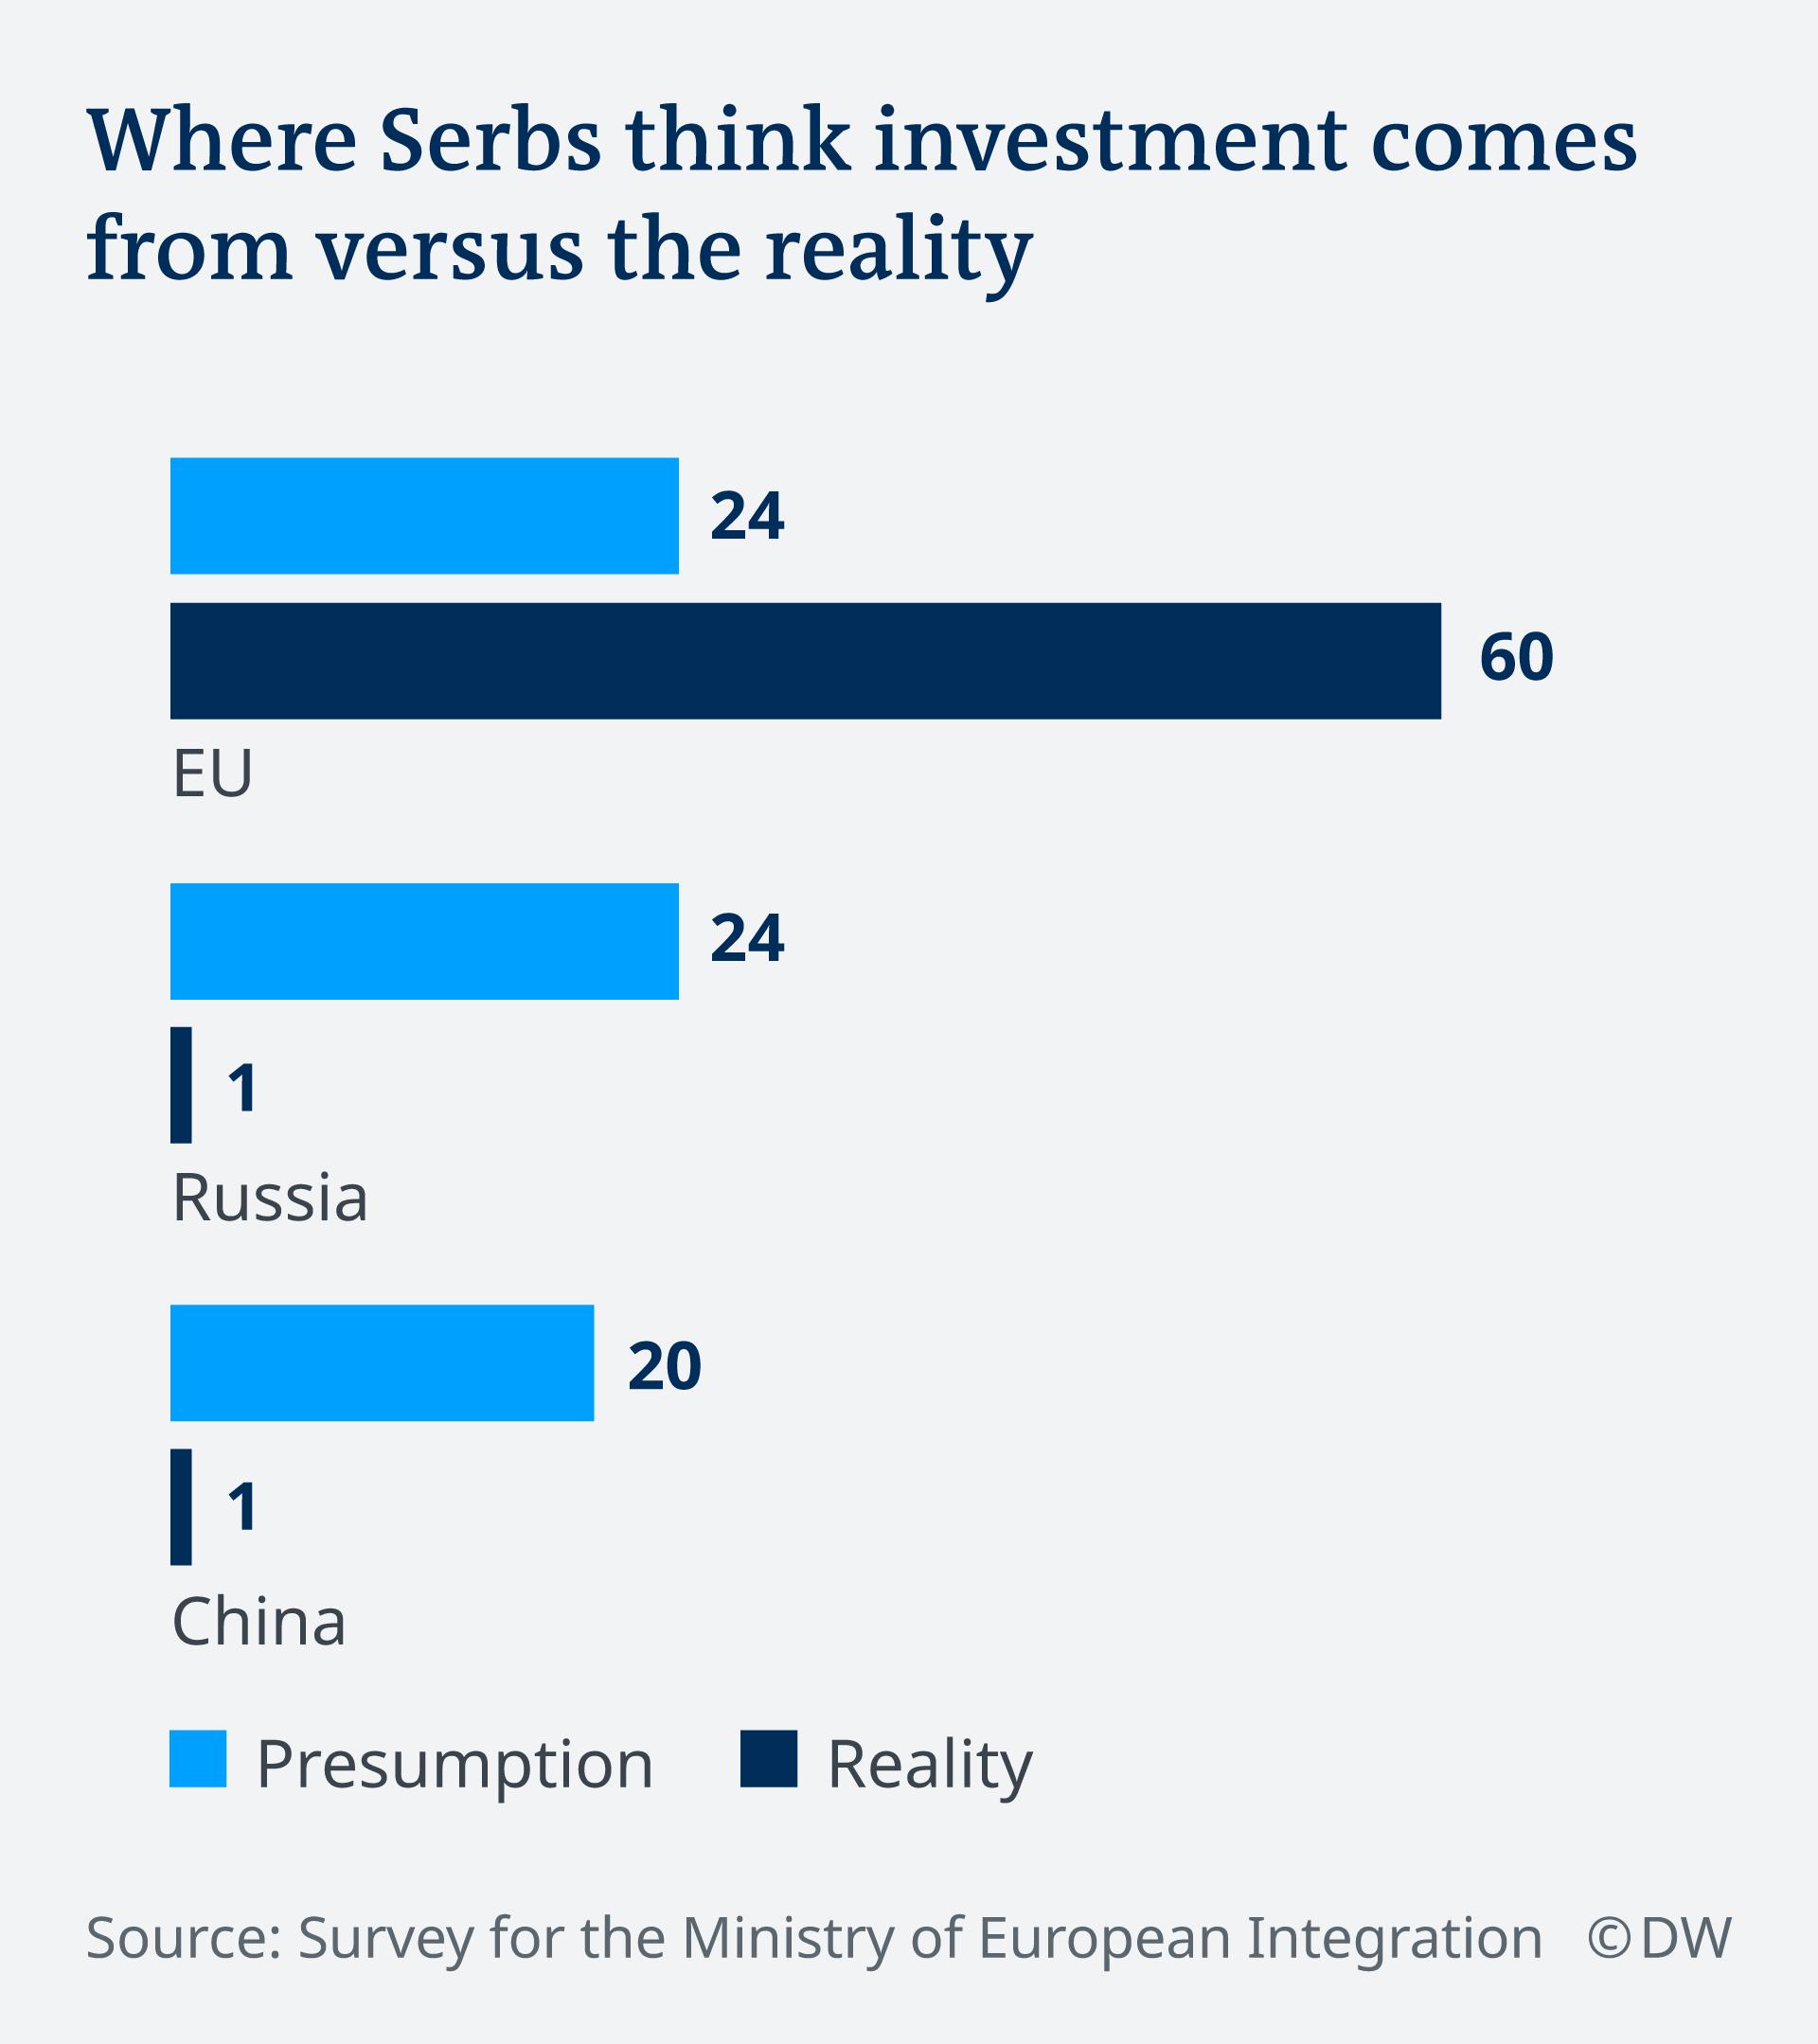 Infografik Investitionen des Auslands in Serbien, Annahme und Wirklichkeit EN